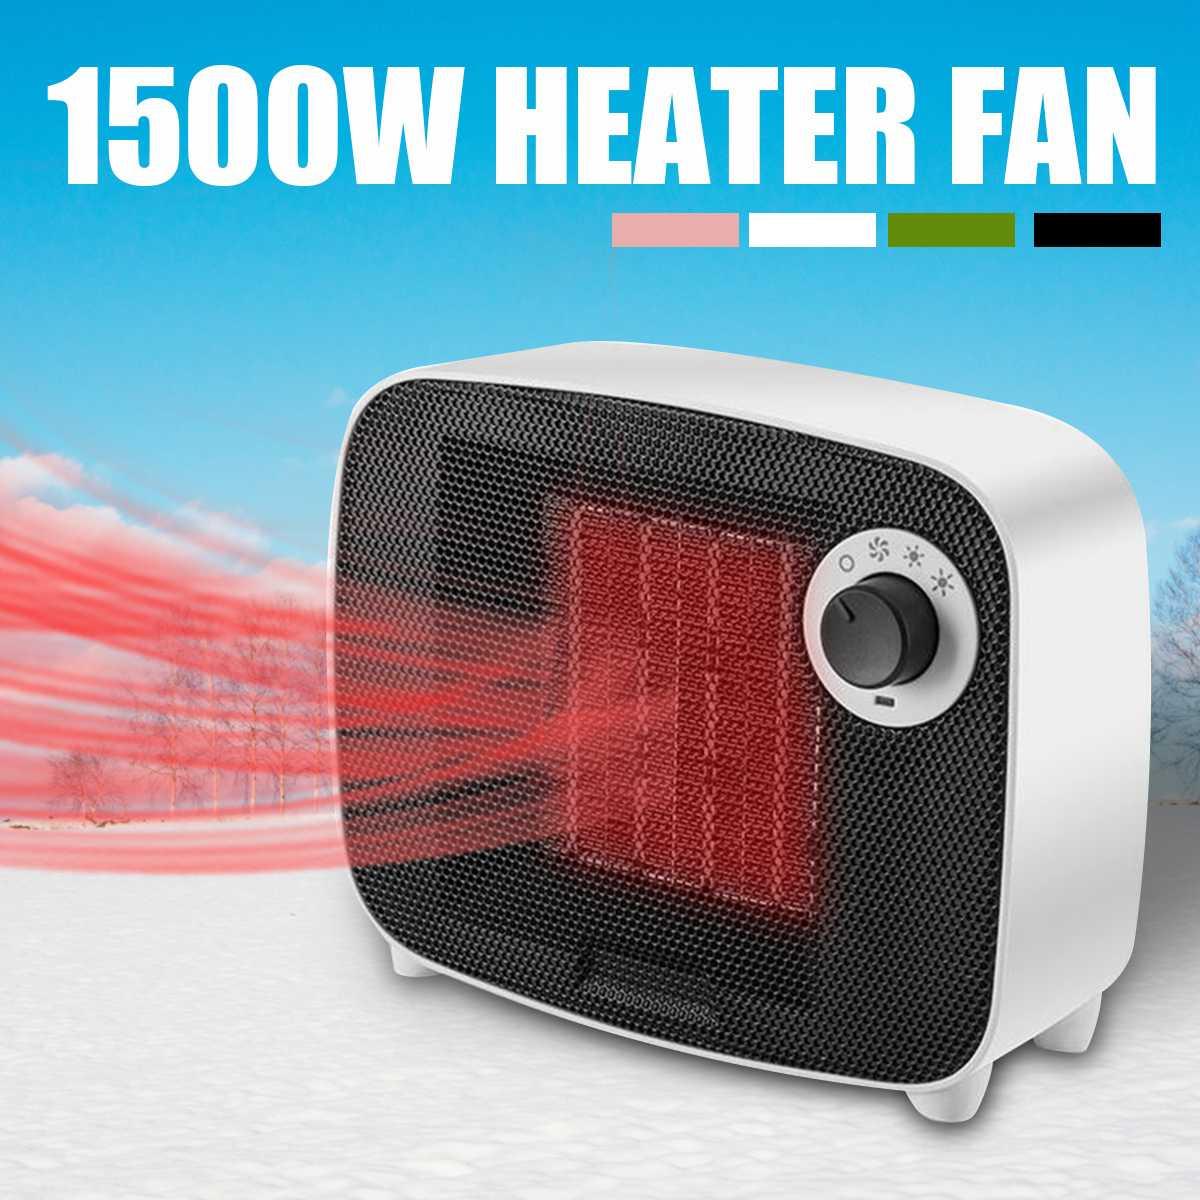 1500W Electric Heater Fan 220V Portable Electric Space Mini Heater Fan Table Handy Warmer Air Blower Fan for Home Office цена 2017